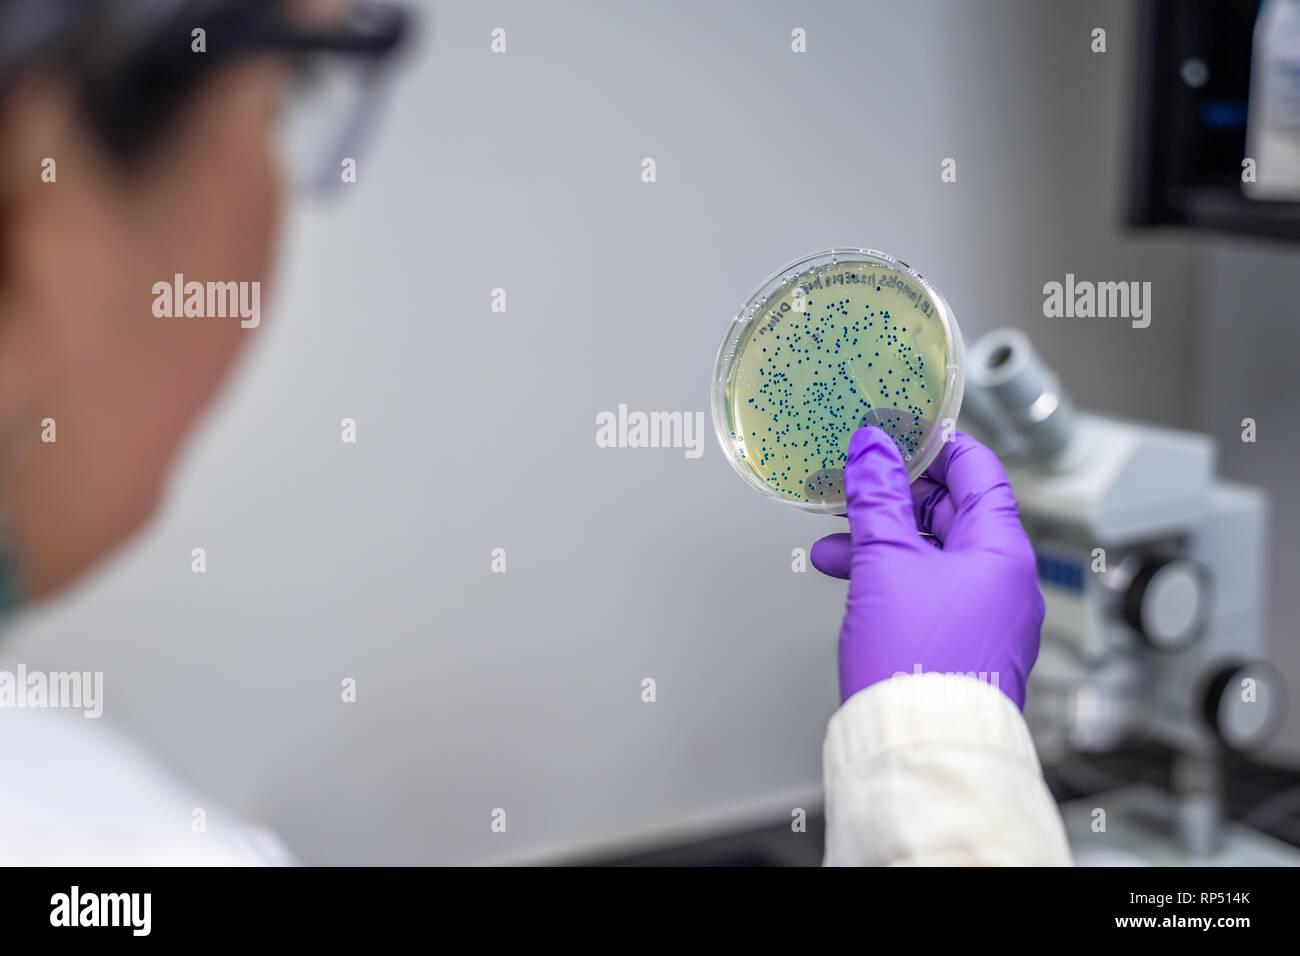 Femme scientifique microbiologiste / l'examen de la plaque de culture bactérienne Banque D'Images